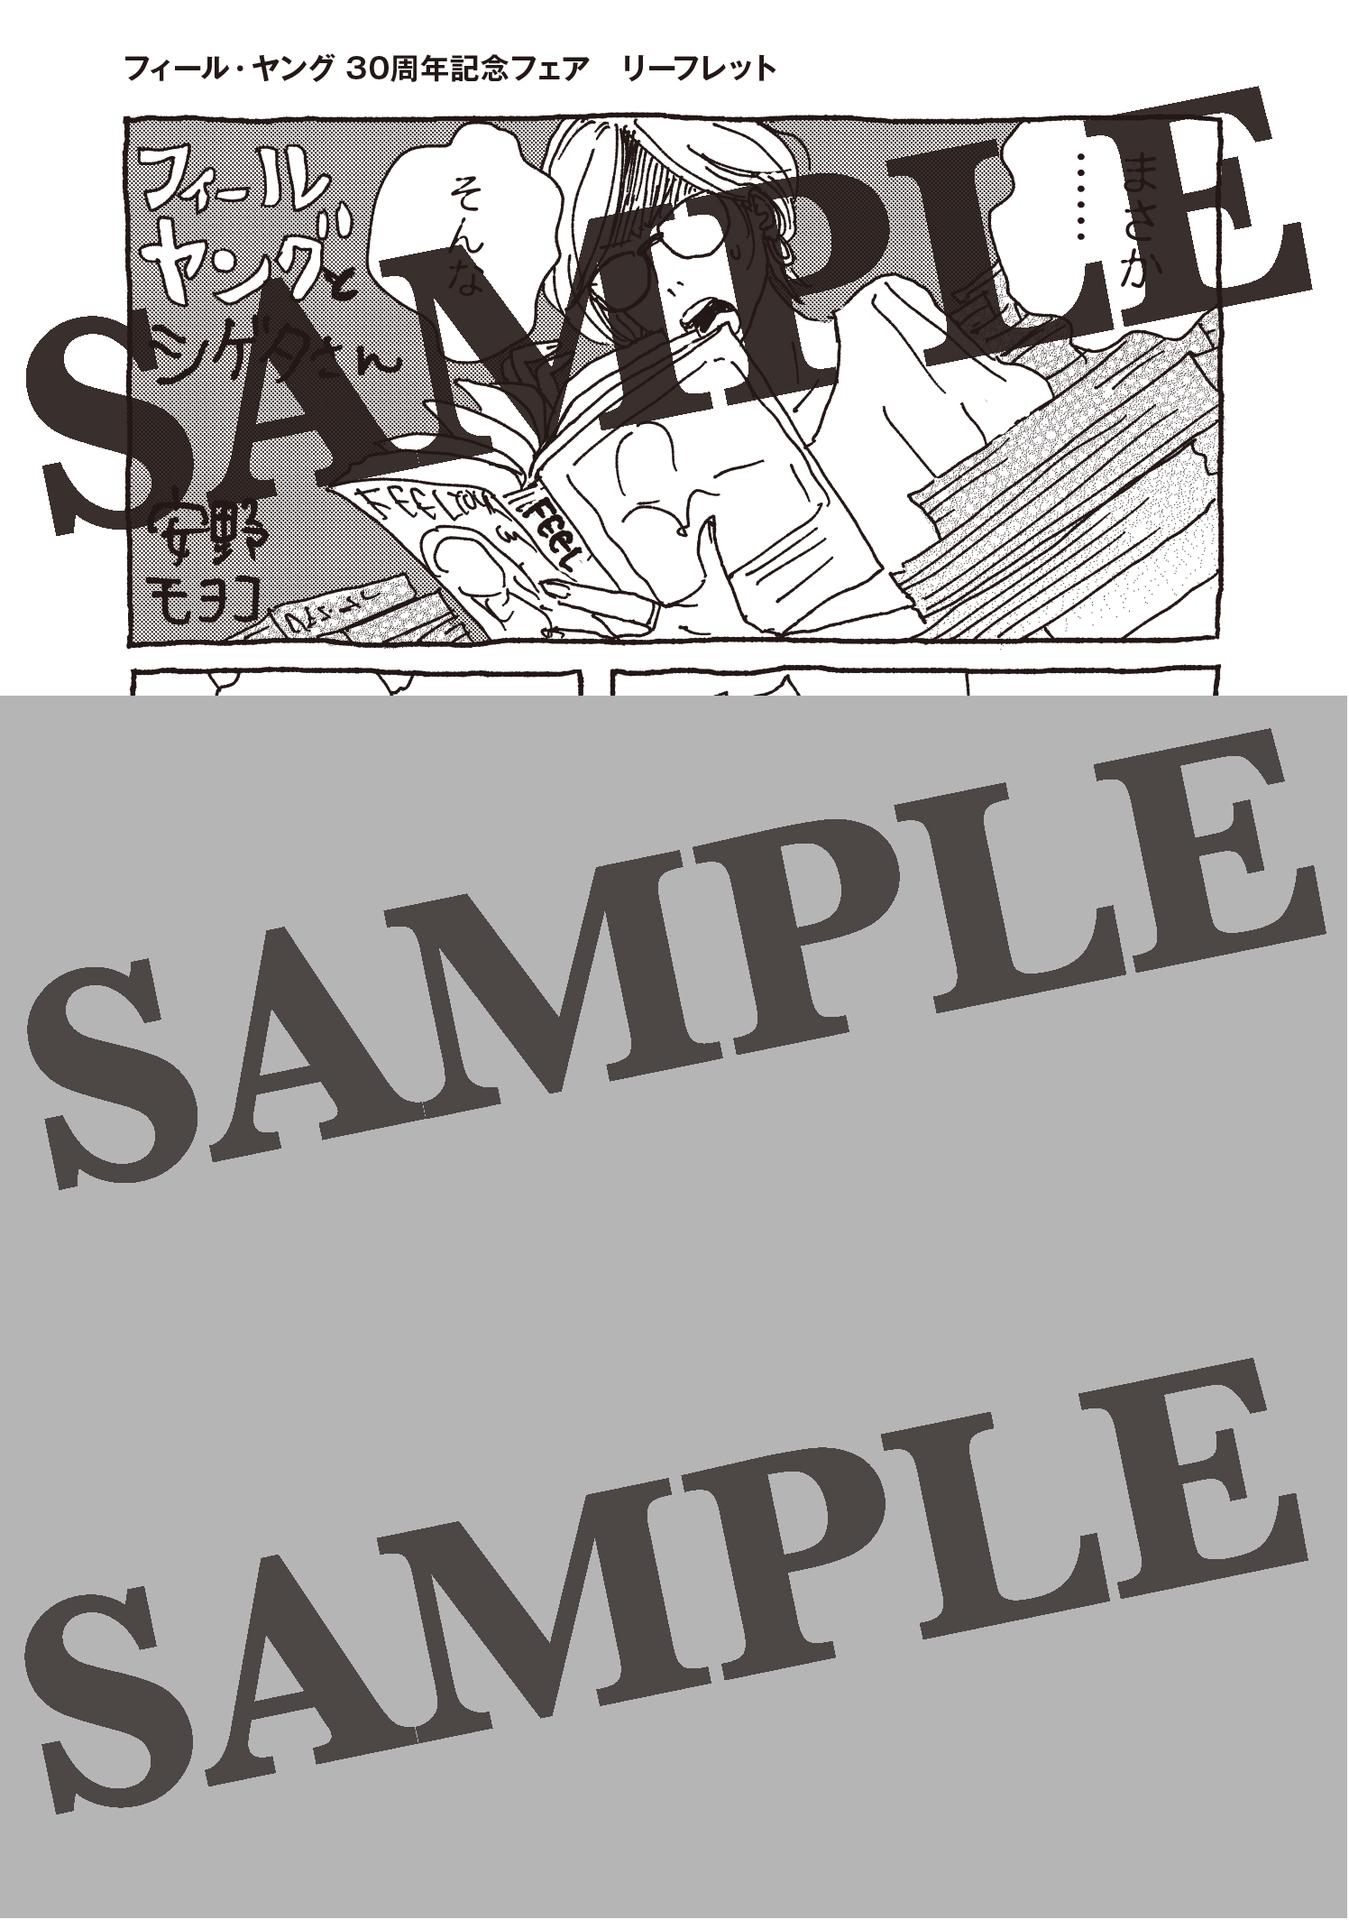 フィールヤング30周年記念フェア_B6_特典用4Pリーフ_SAMPLE.jpg